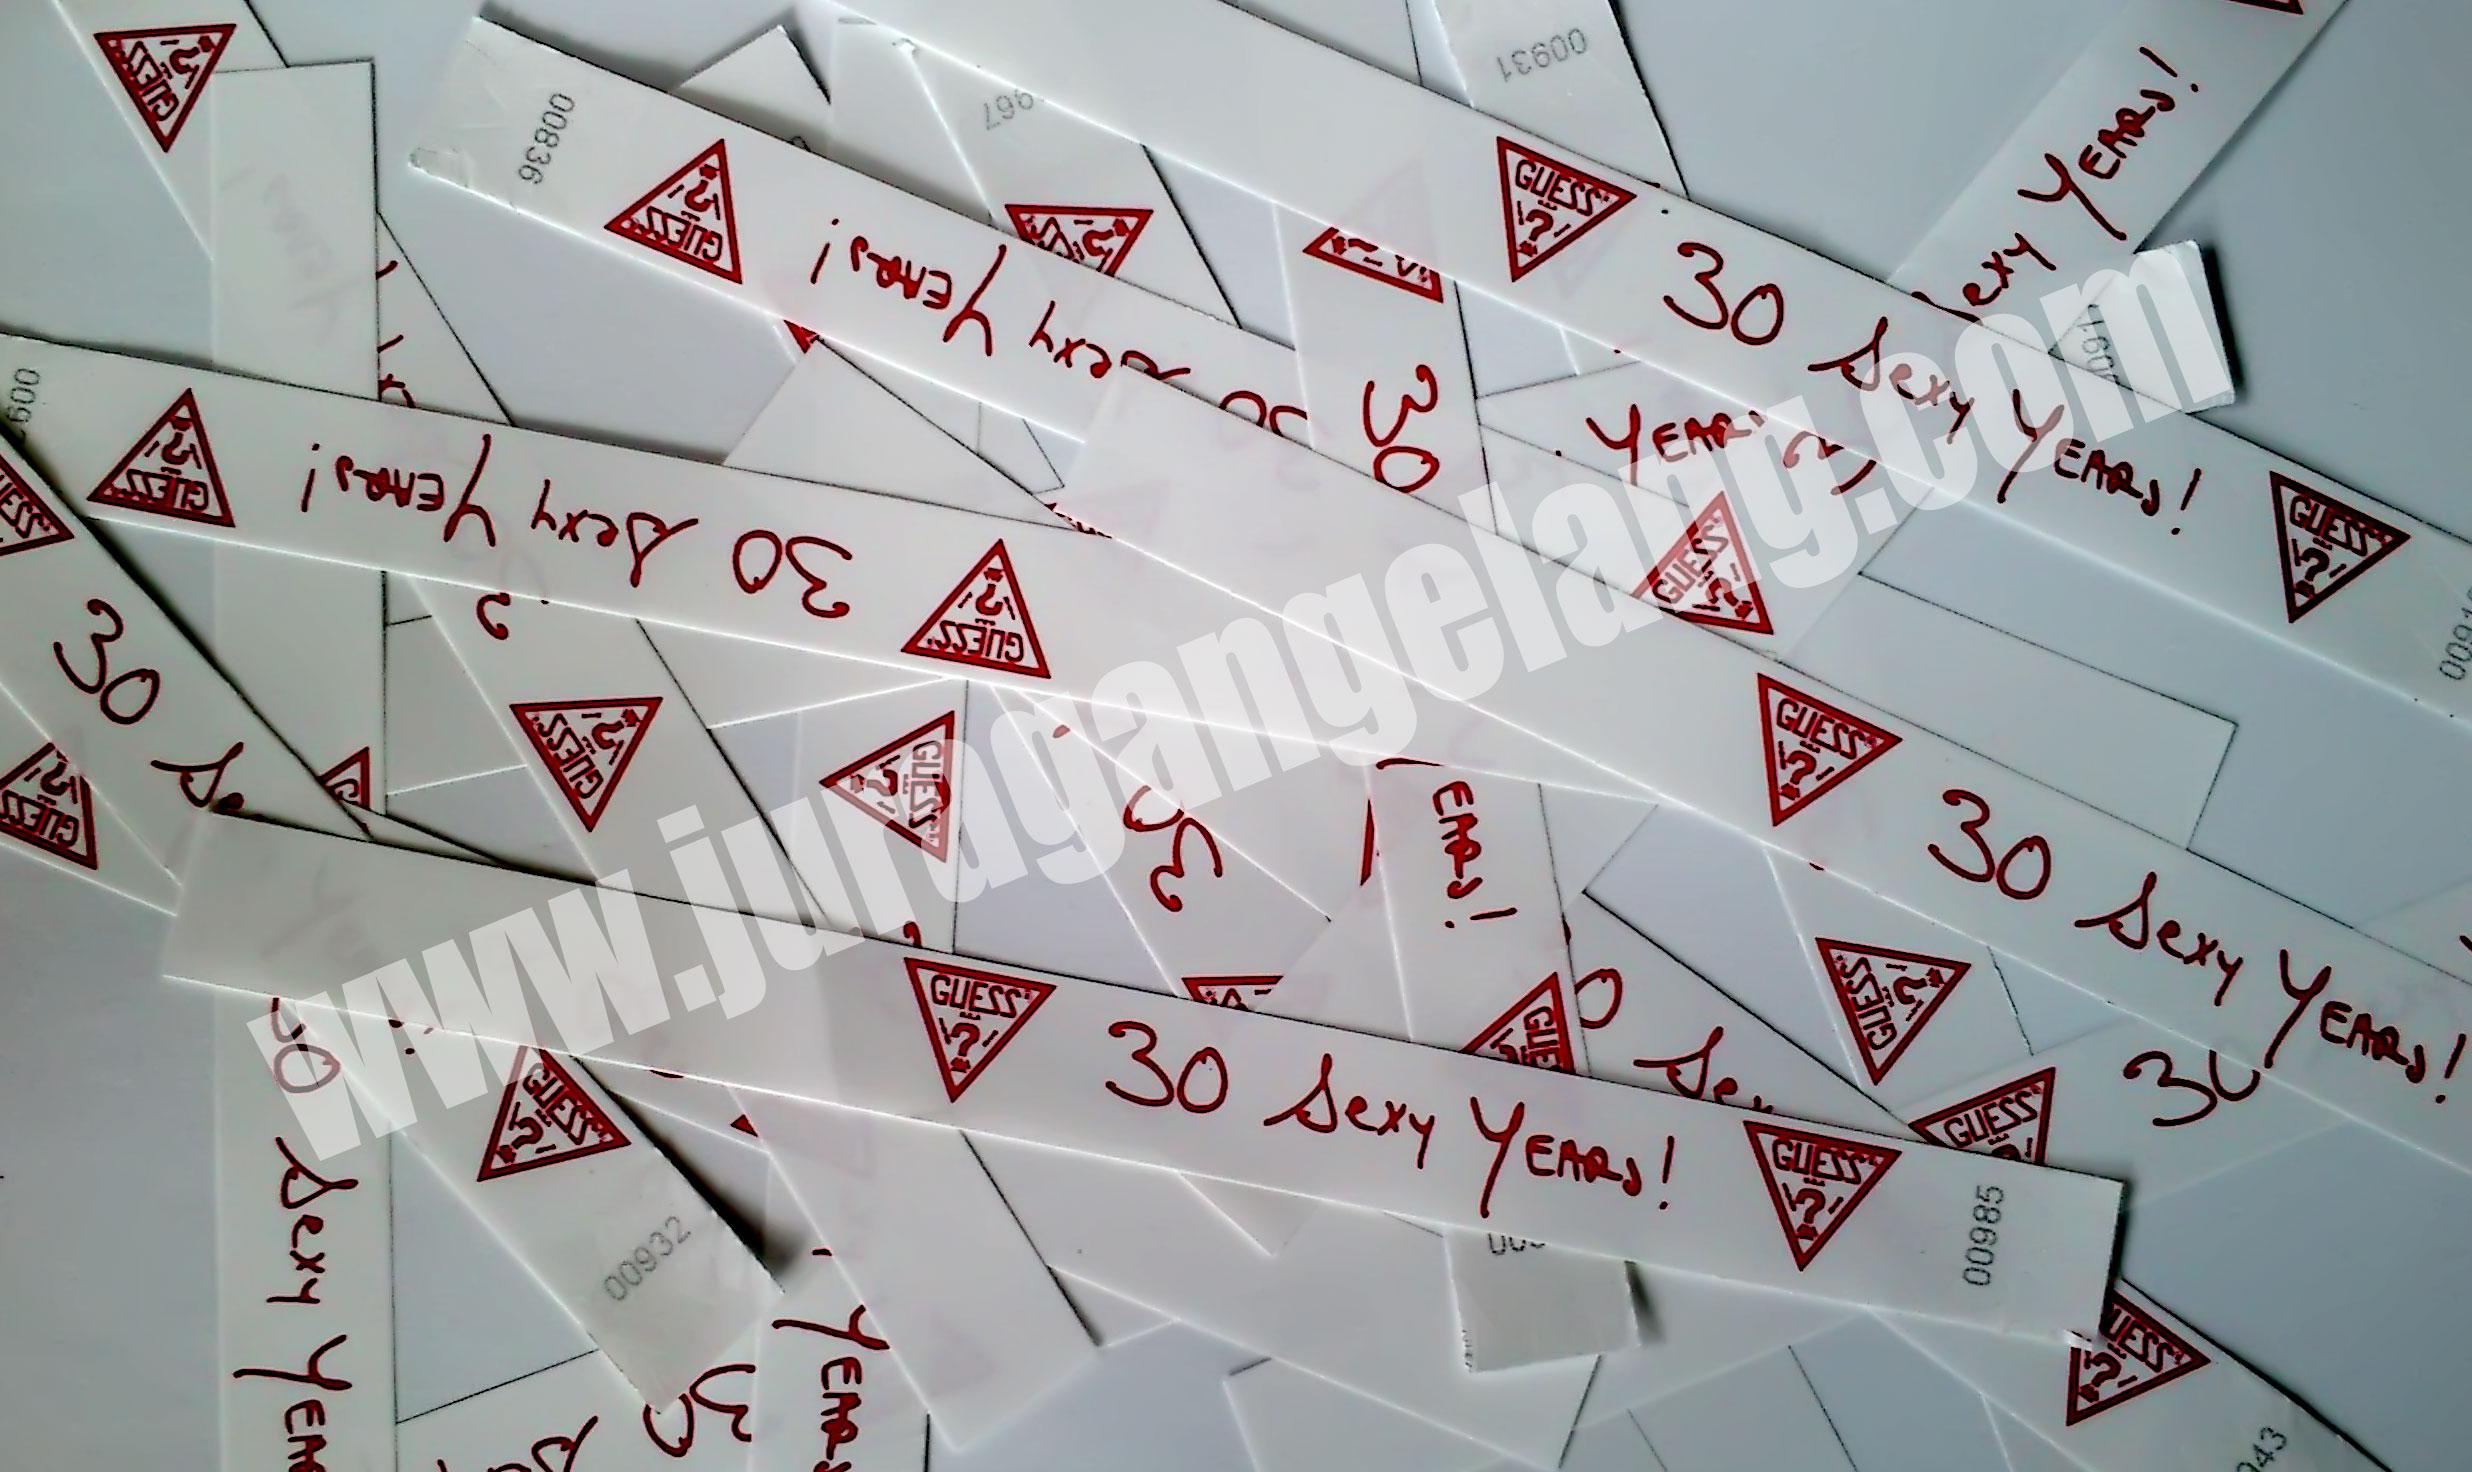 Http Tiket Gelang Morrissey 2013 06 08t09 Event Konser Running Wisata Air Guess1